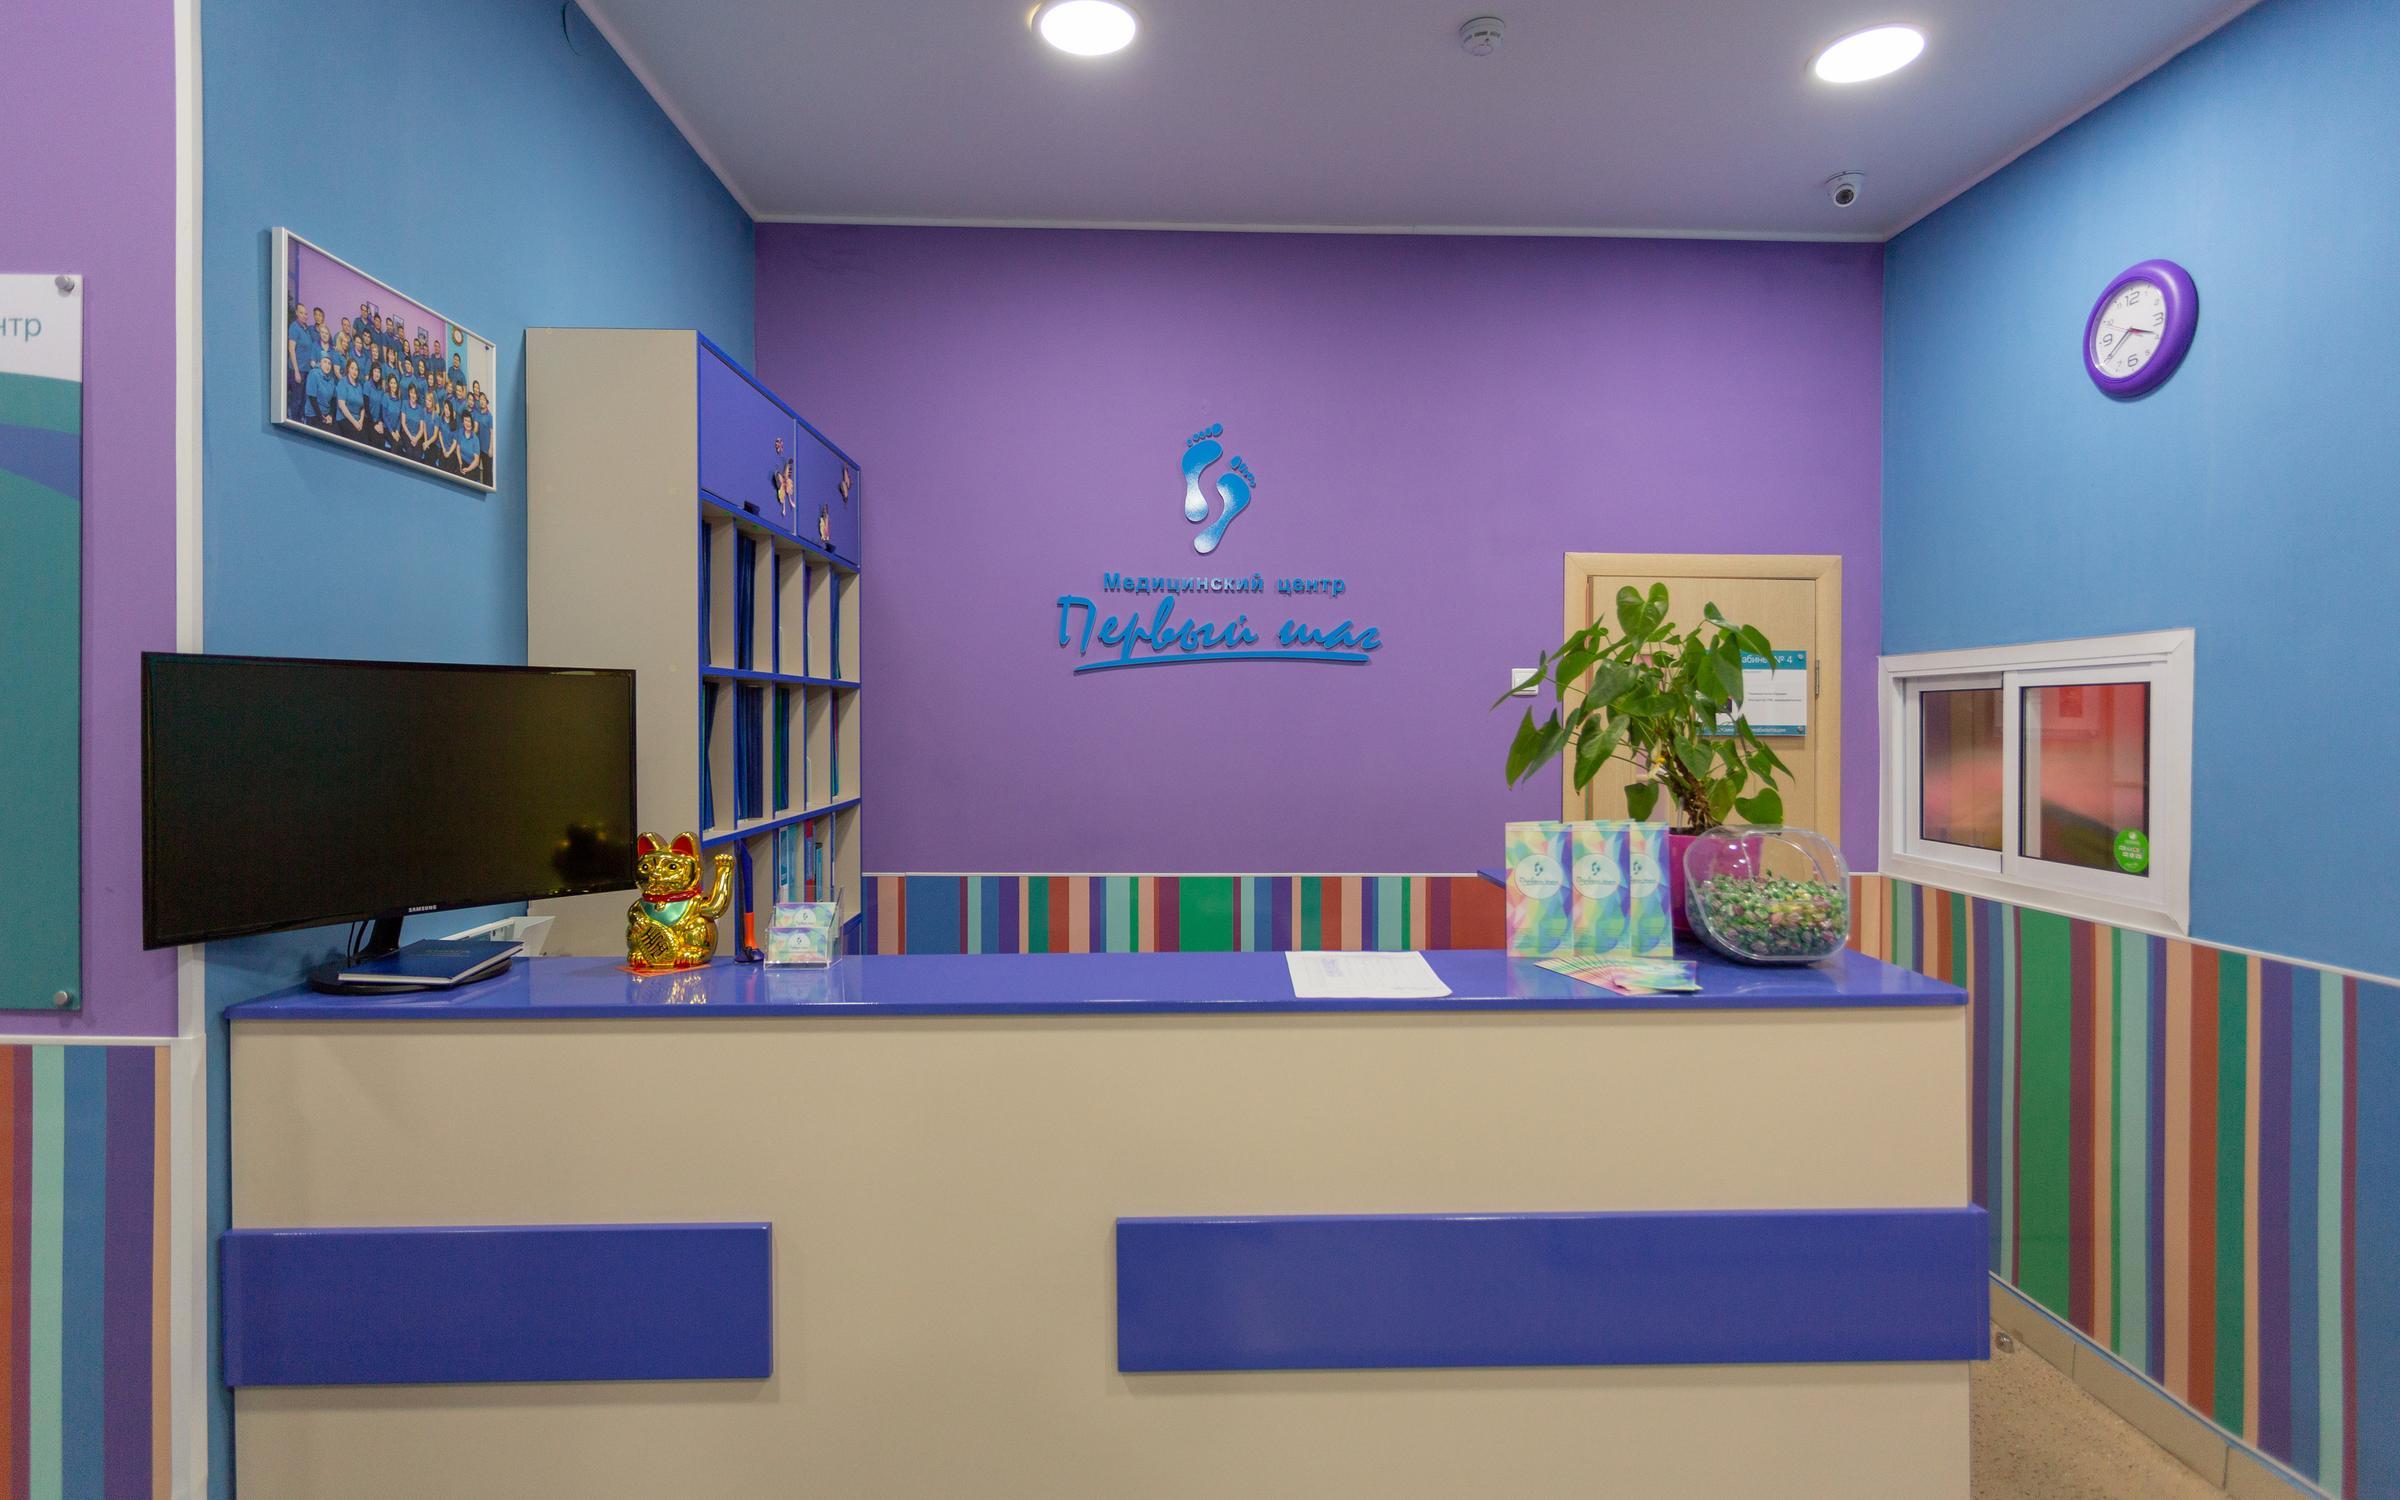 фотография Медицинского центра Первый шаг на улице Айдарова